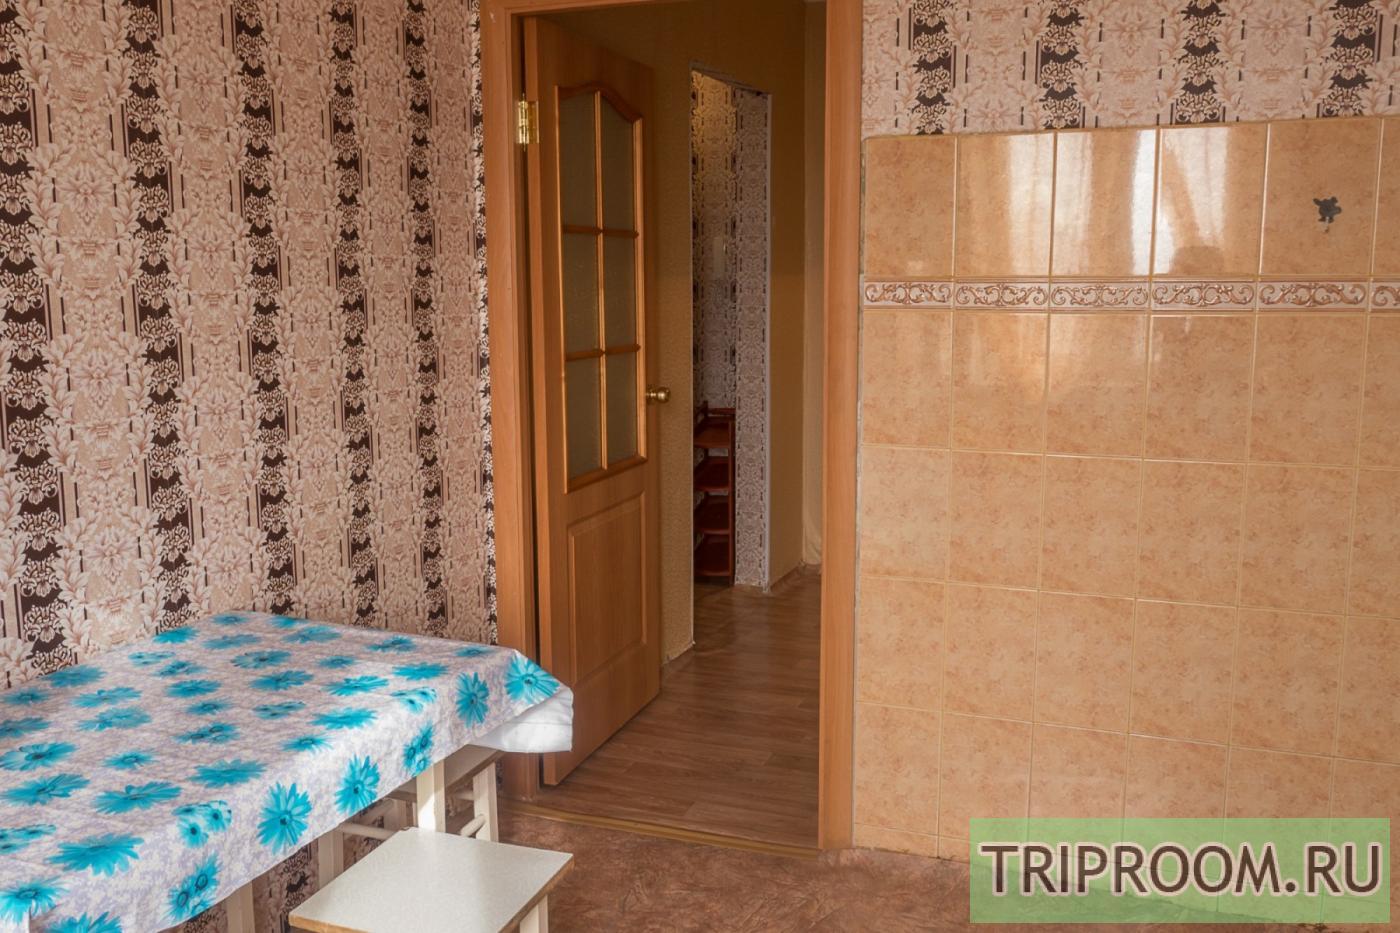 1-комнатная квартира посуточно (вариант № 35008), ул. Побежимова улица, фото № 8